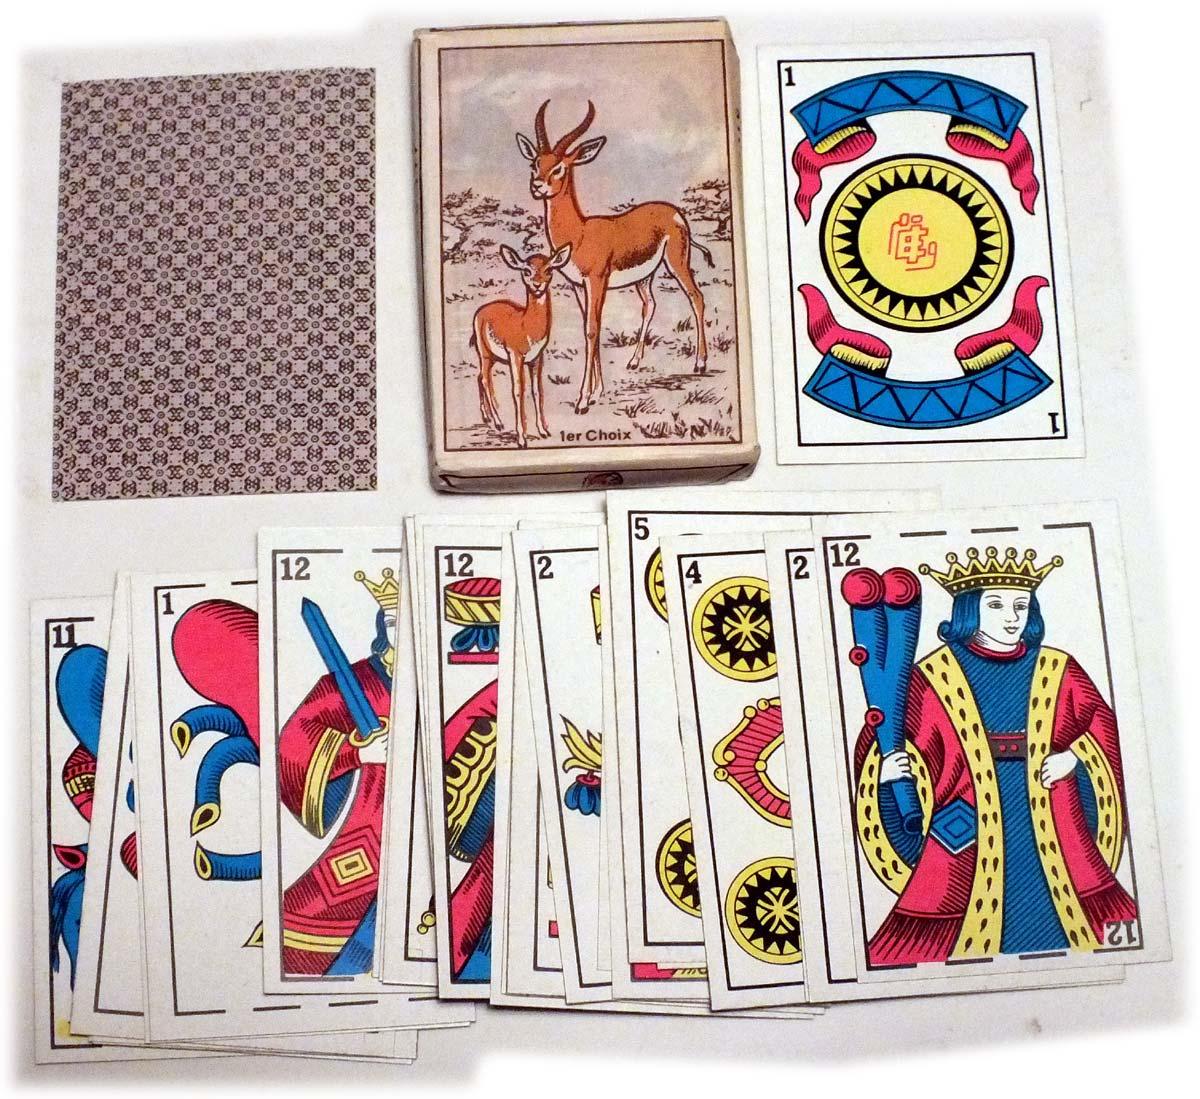 Cartes La Gazelle, manufactured by Imprimerie de L'Entente, Casablanca